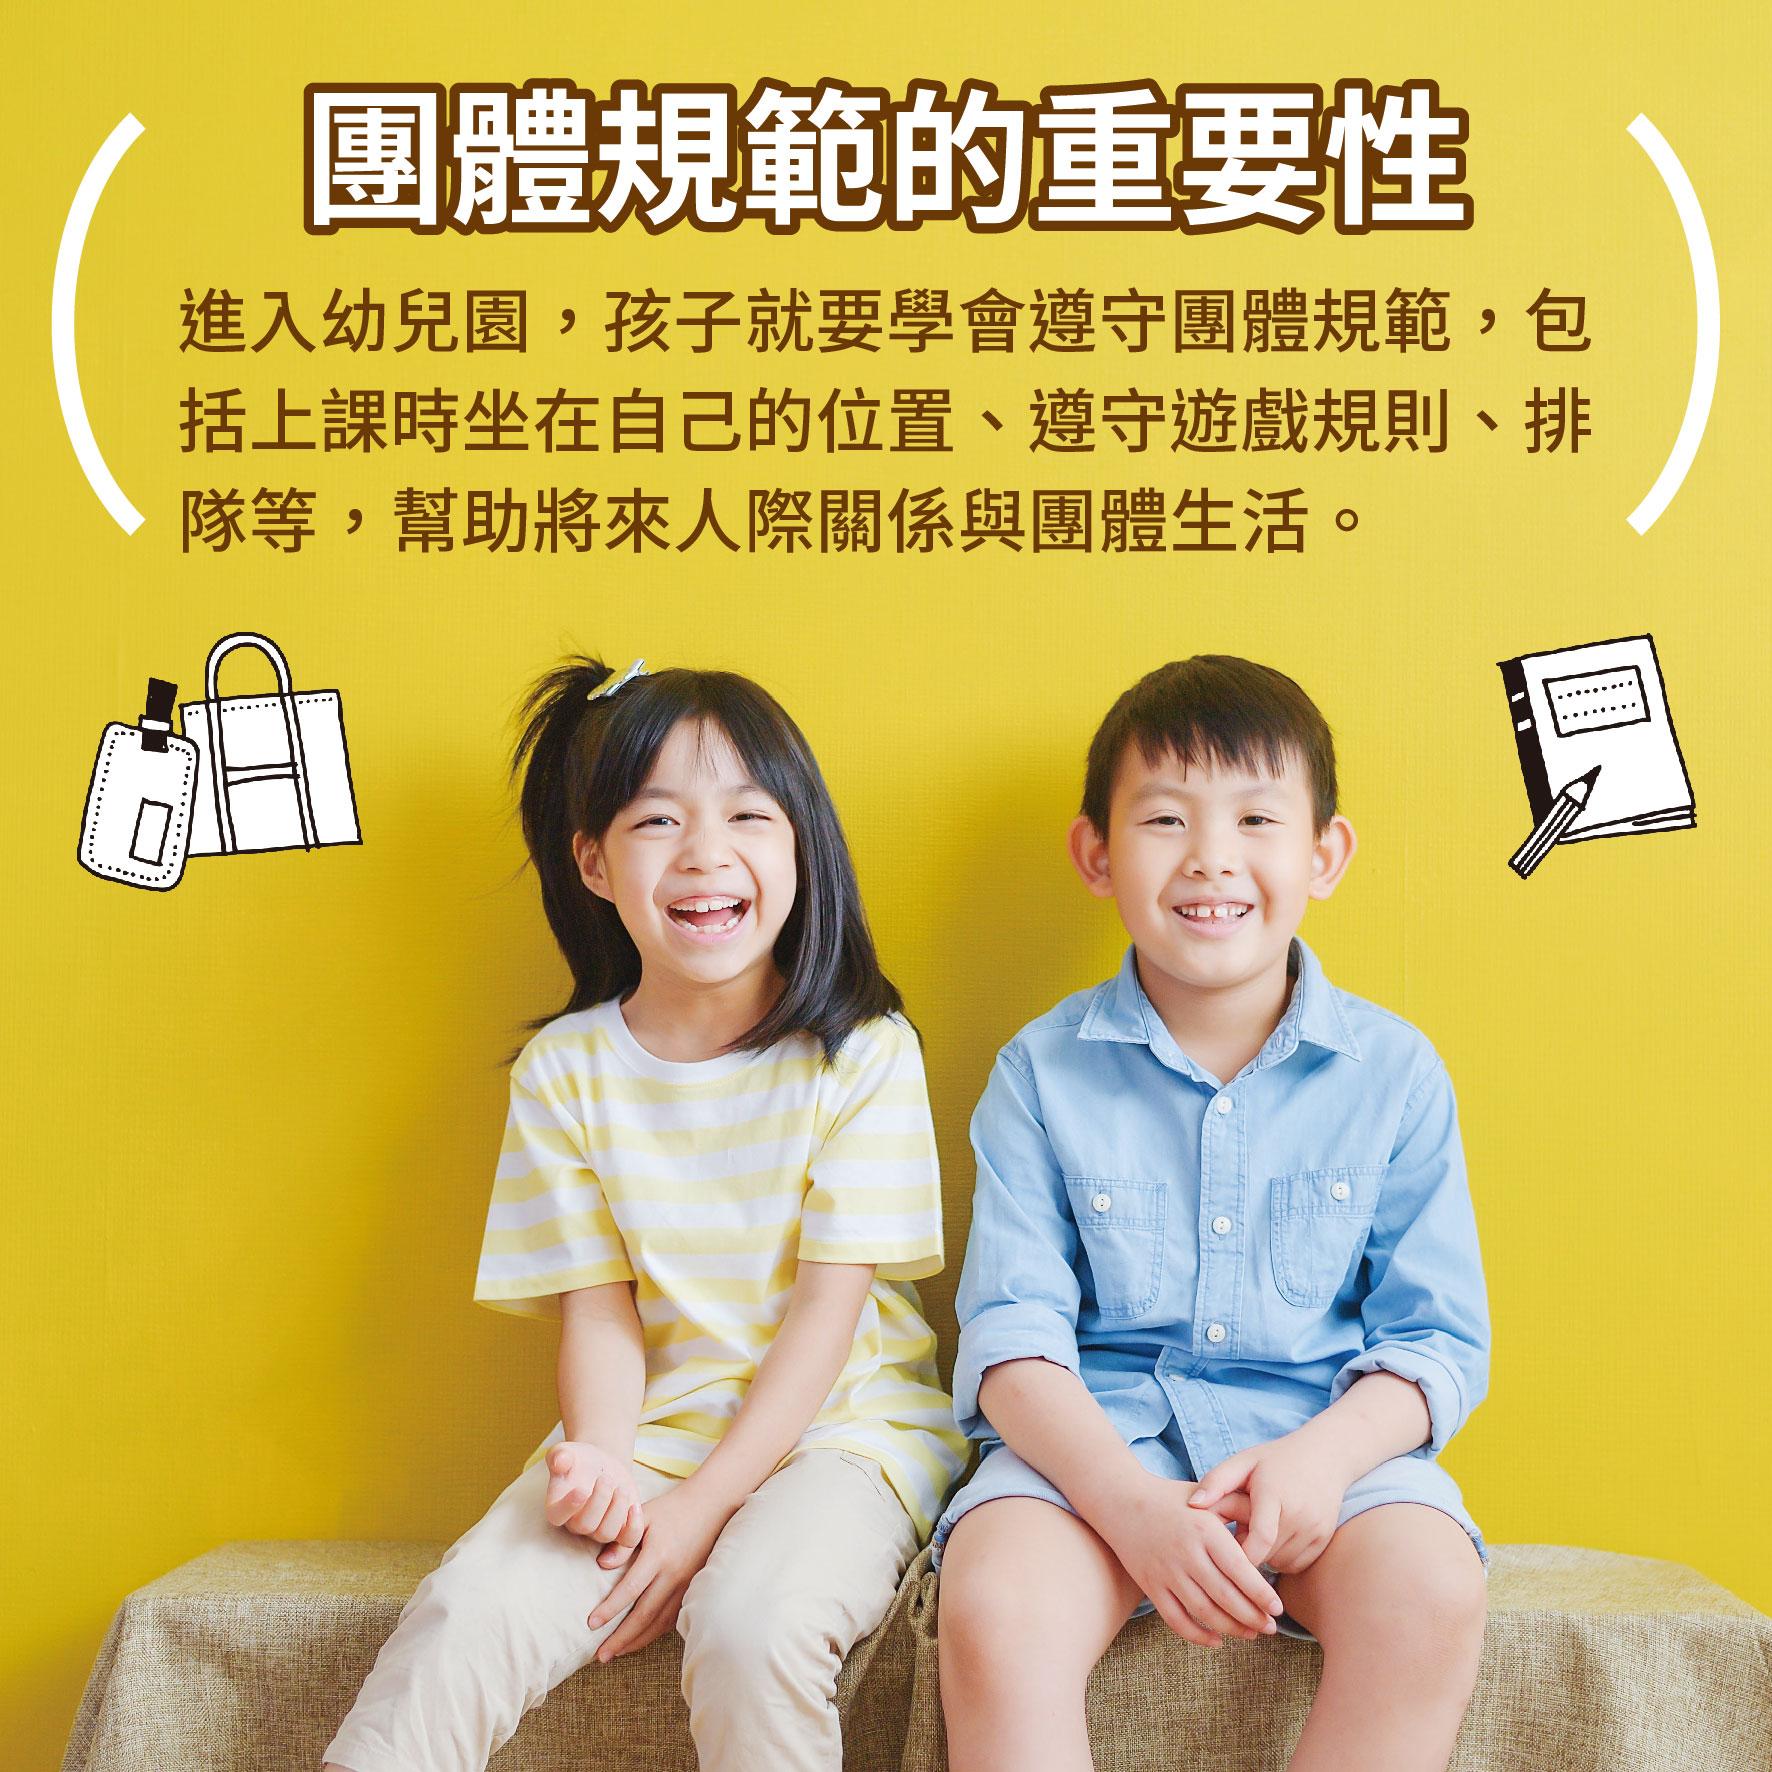 幼兒6歲(第24週)團體規範的重要性